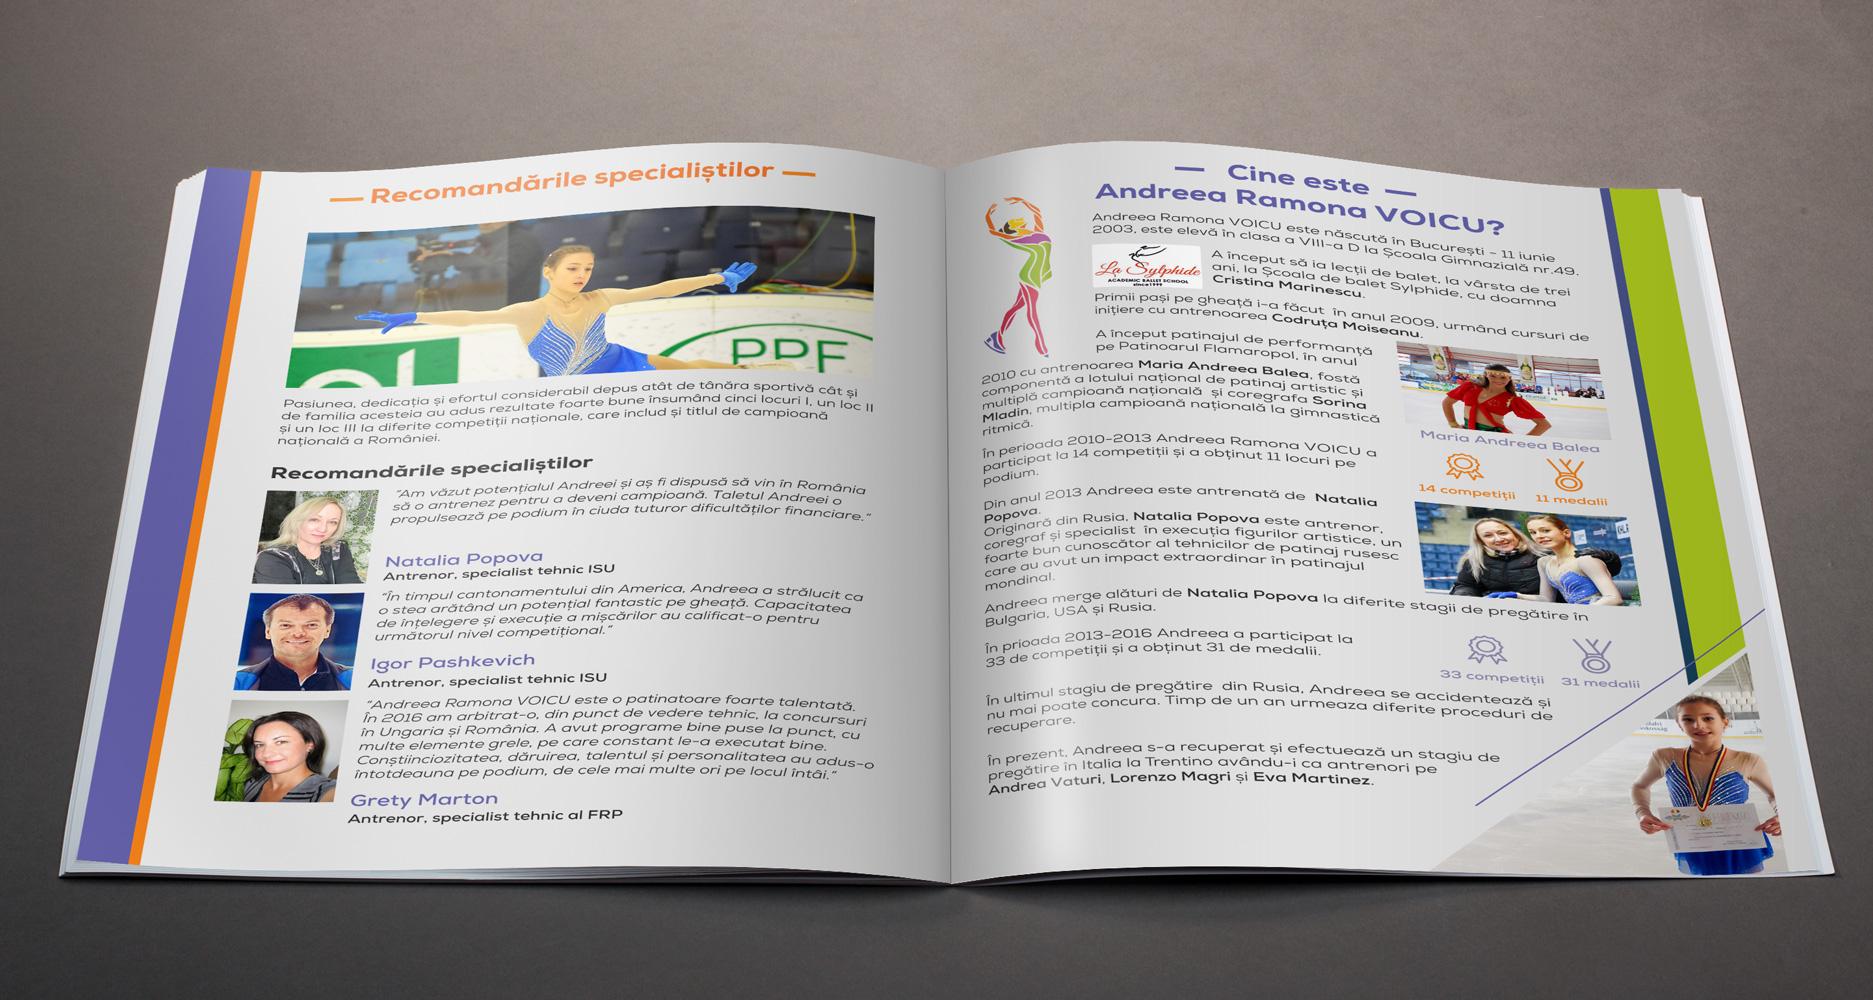 Concept, creatie si design brosura prezentare Andreea Ramona Voicu